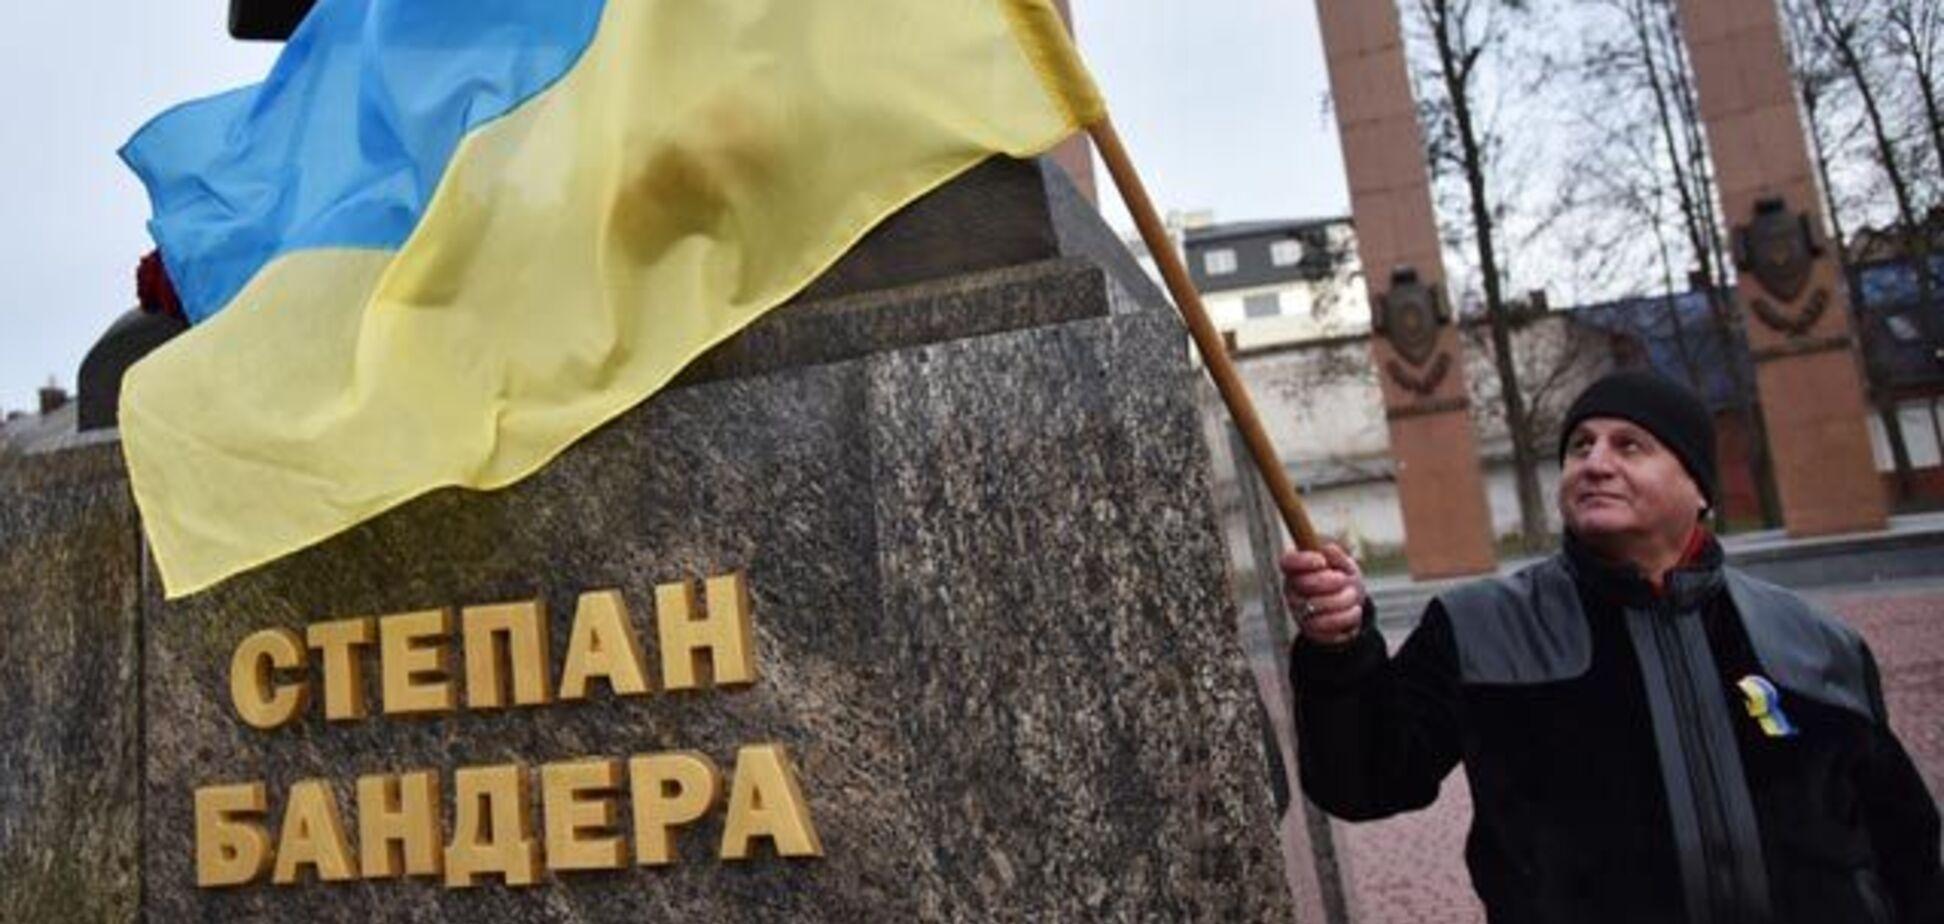 Бандера и Петлюра отдали бы все, чтобы увидеть свободную Украину!